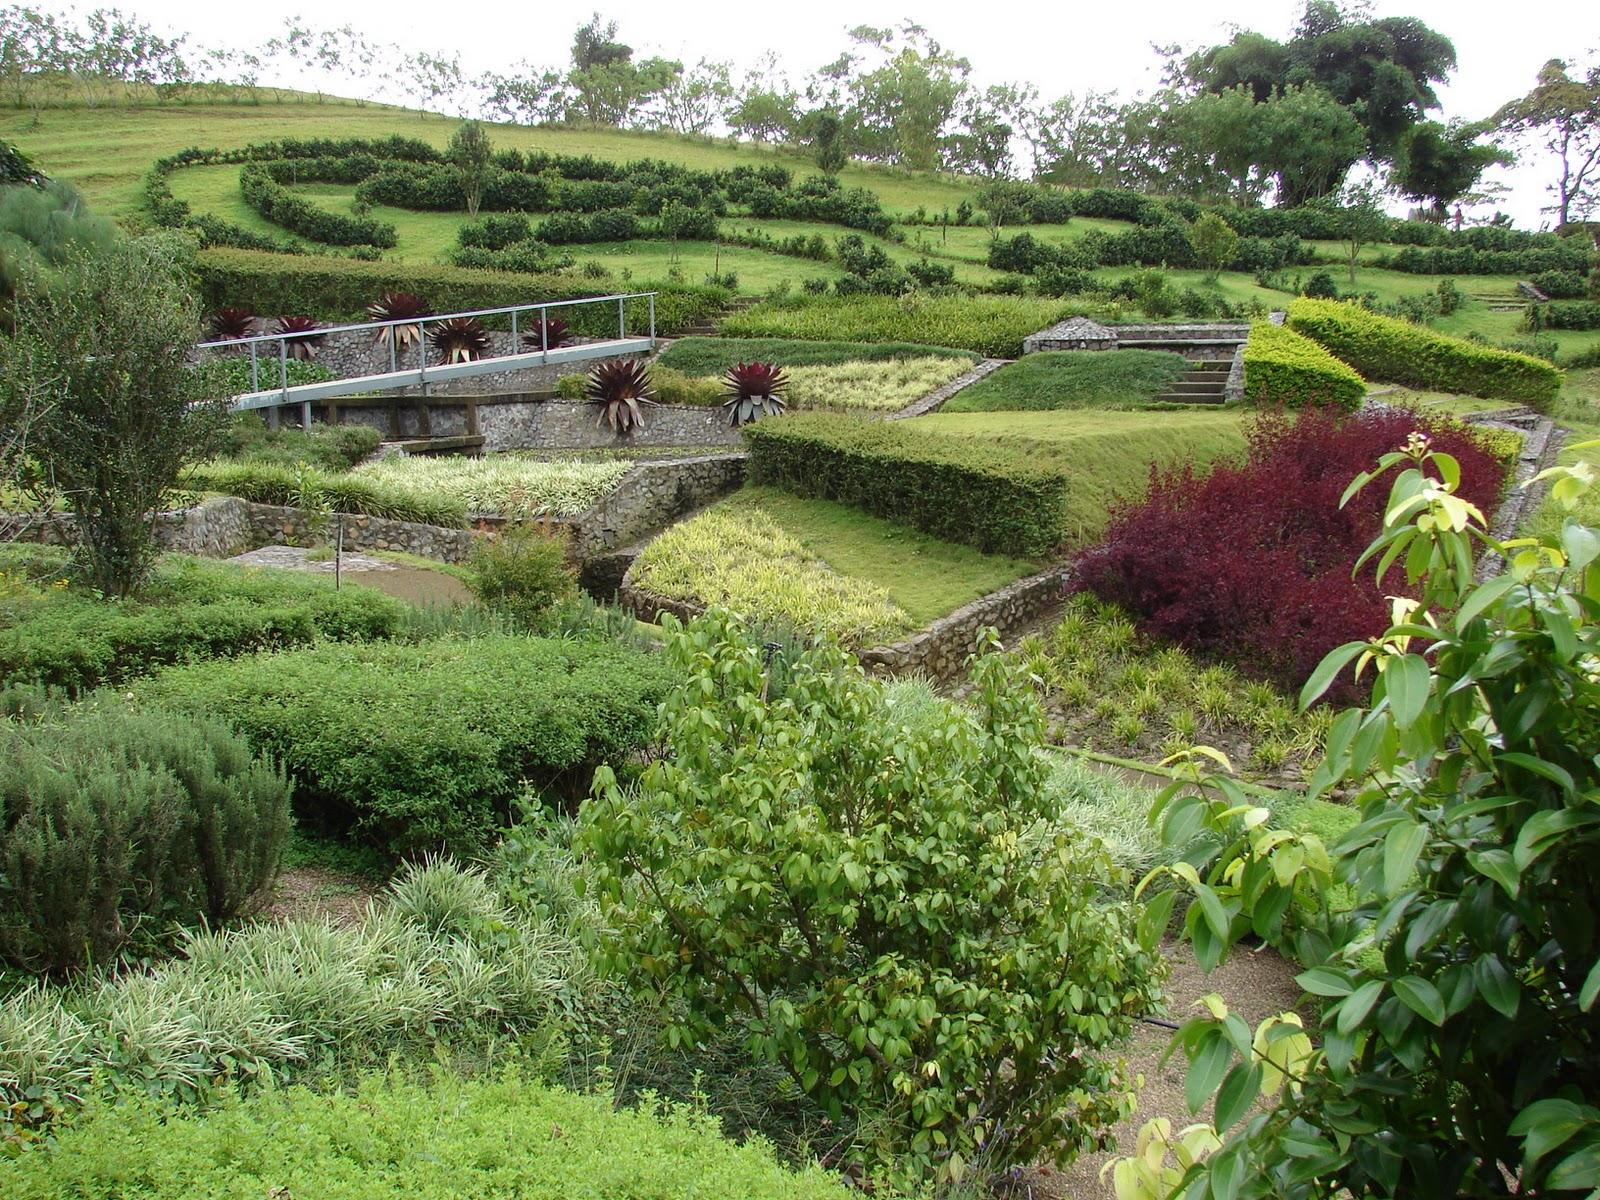 Paisajismo pueblos y jardines las coberturas los for Paisajismo jardines fotos